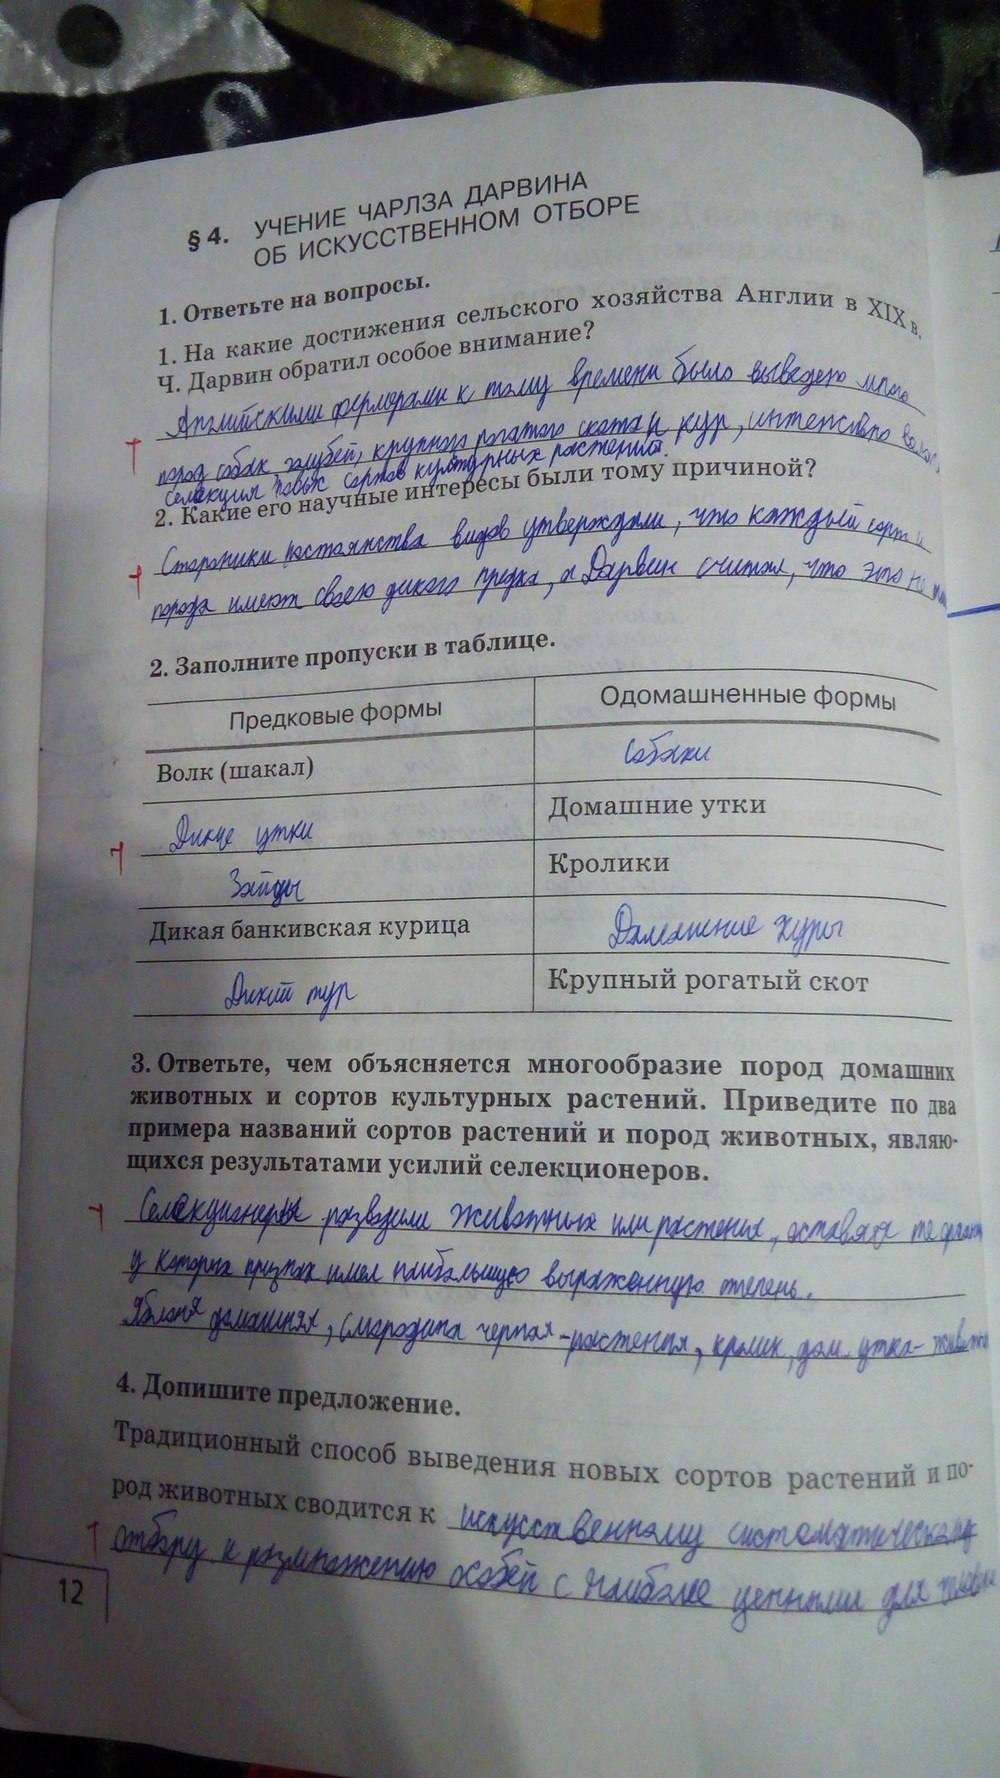 Гдз рабочая тетрадь по биологии 9 класс мамонтов.rar